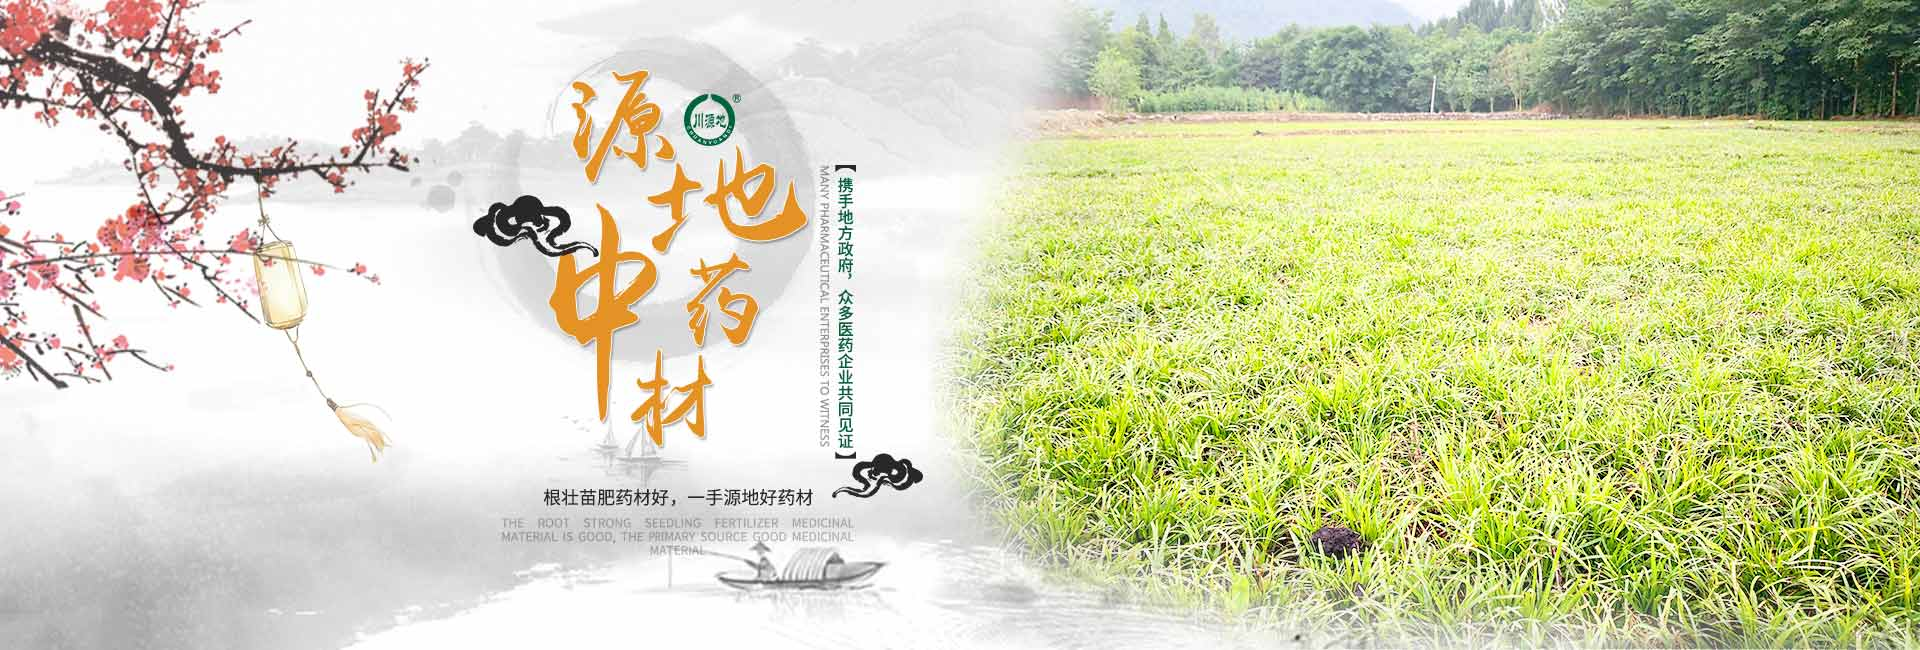 四川省源地中药材种植有限责任公司